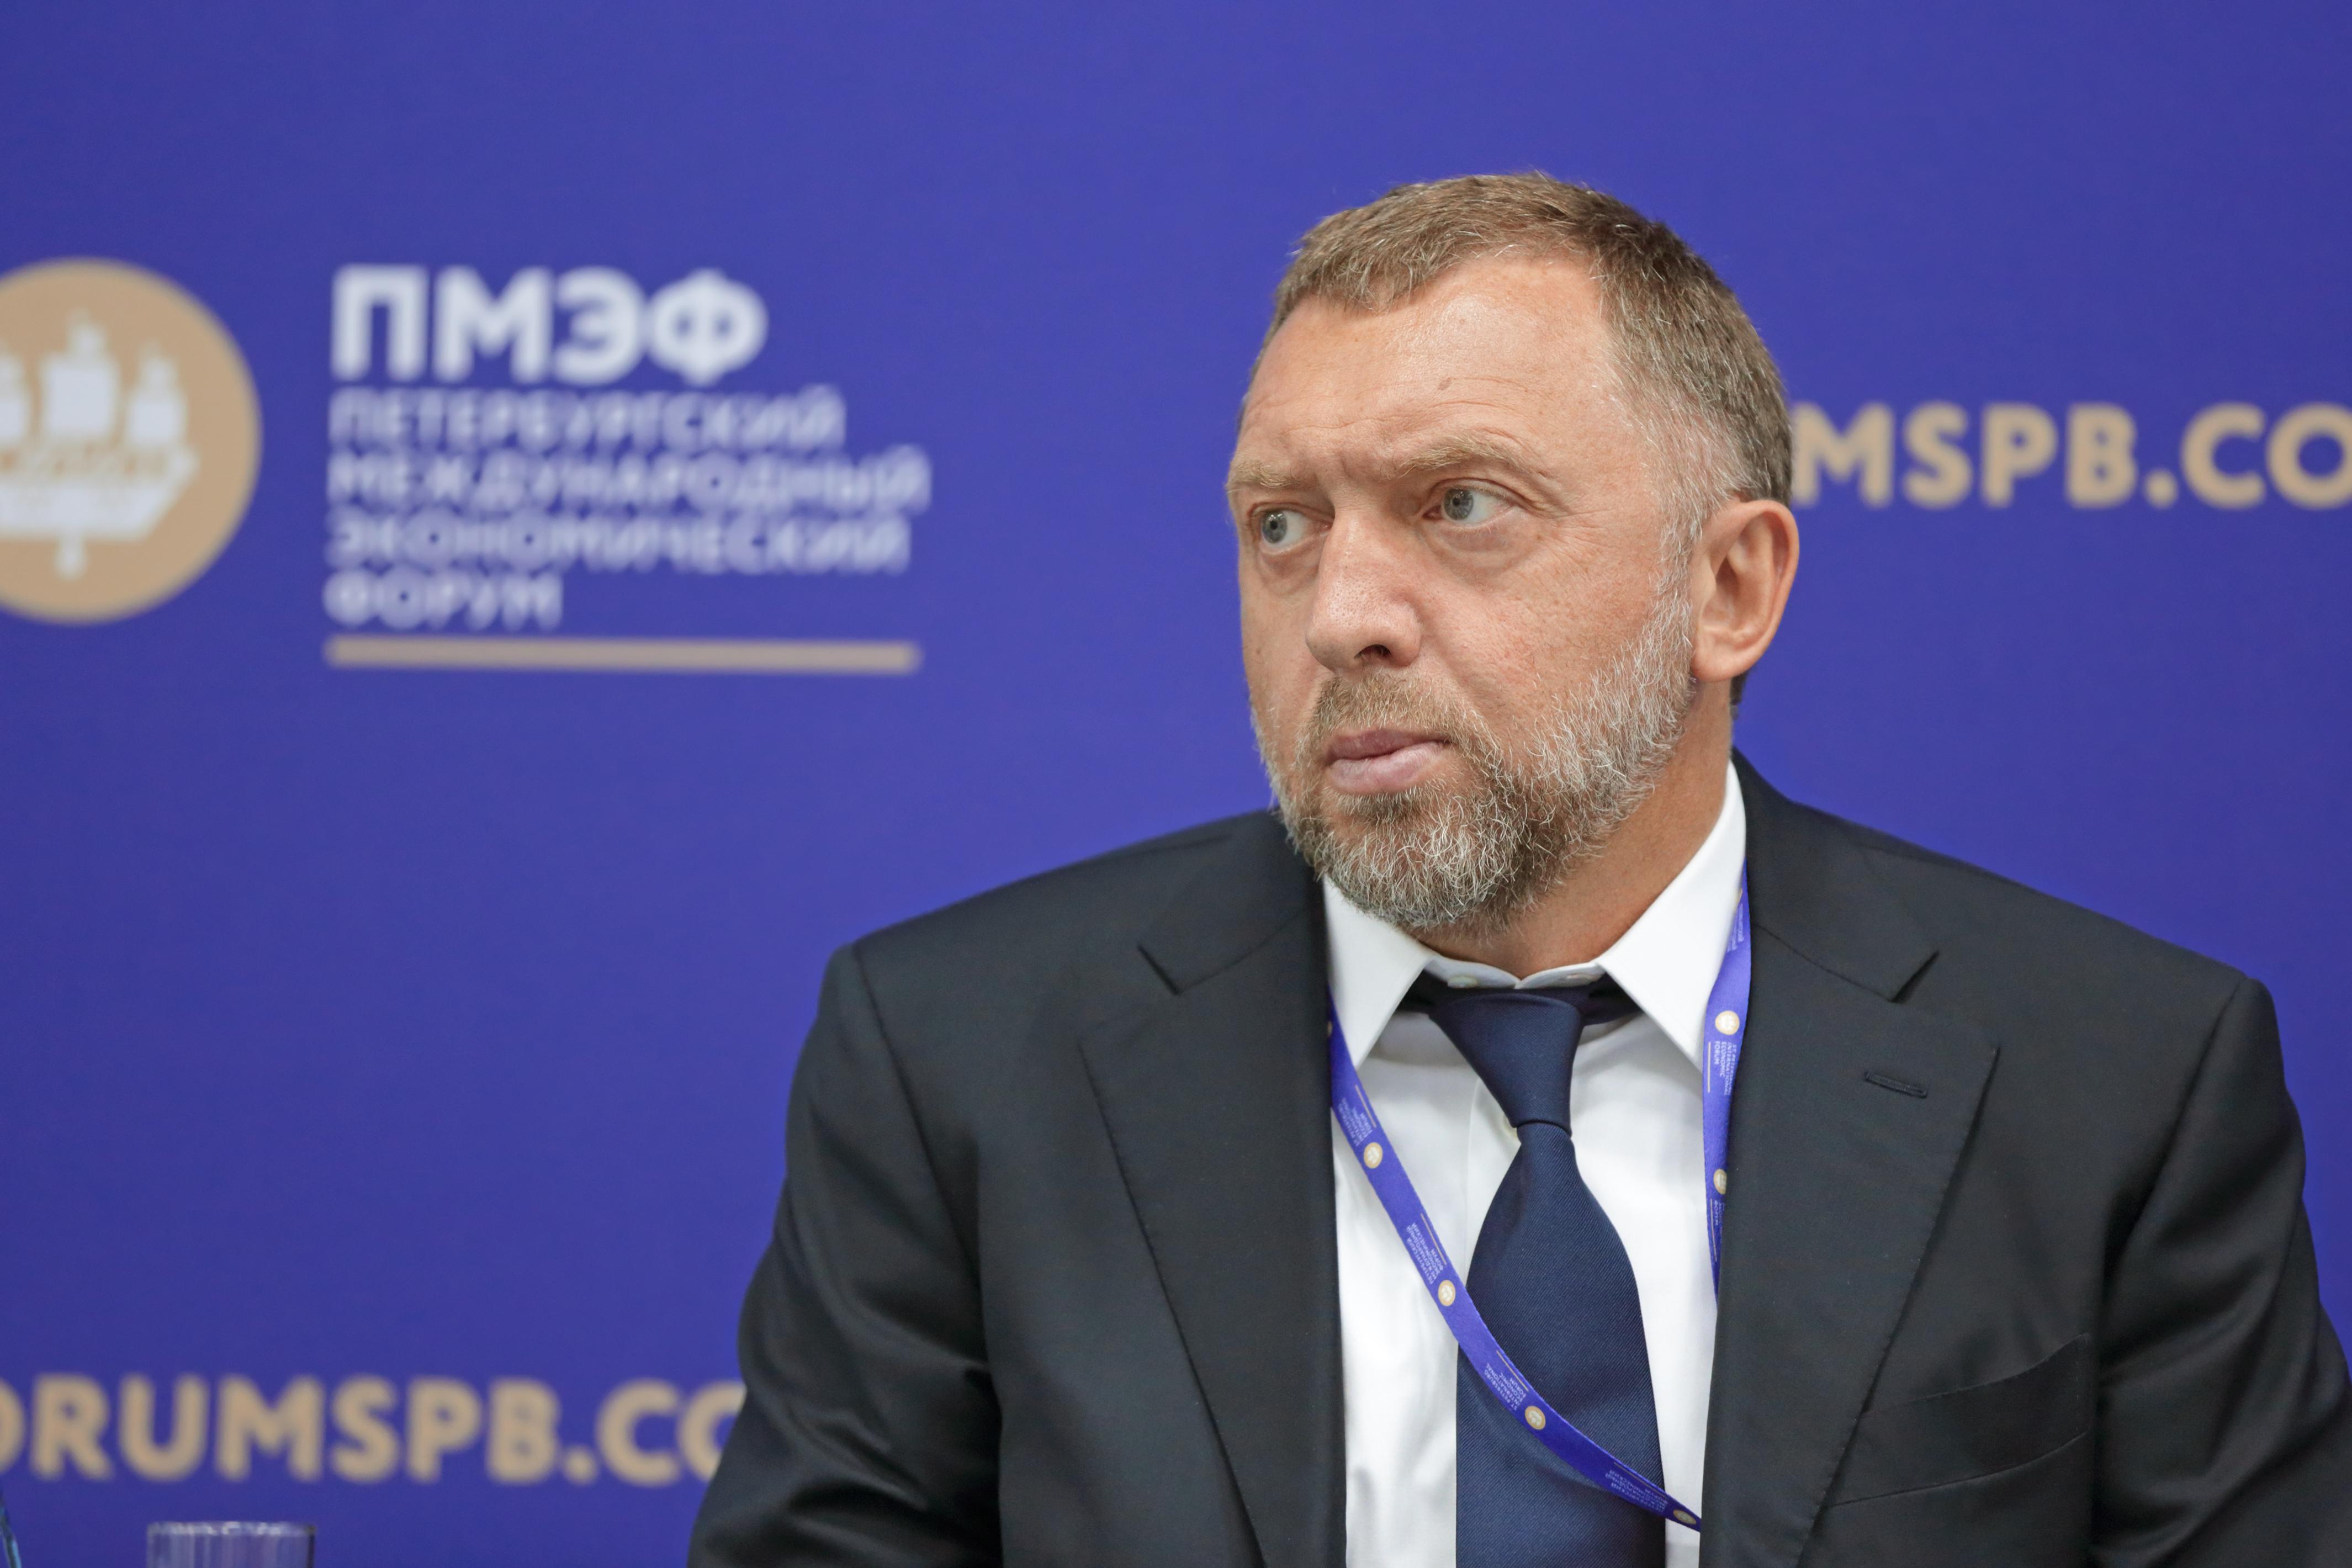 """Акциите на """"Русал"""" се обезцениха със 70%"""